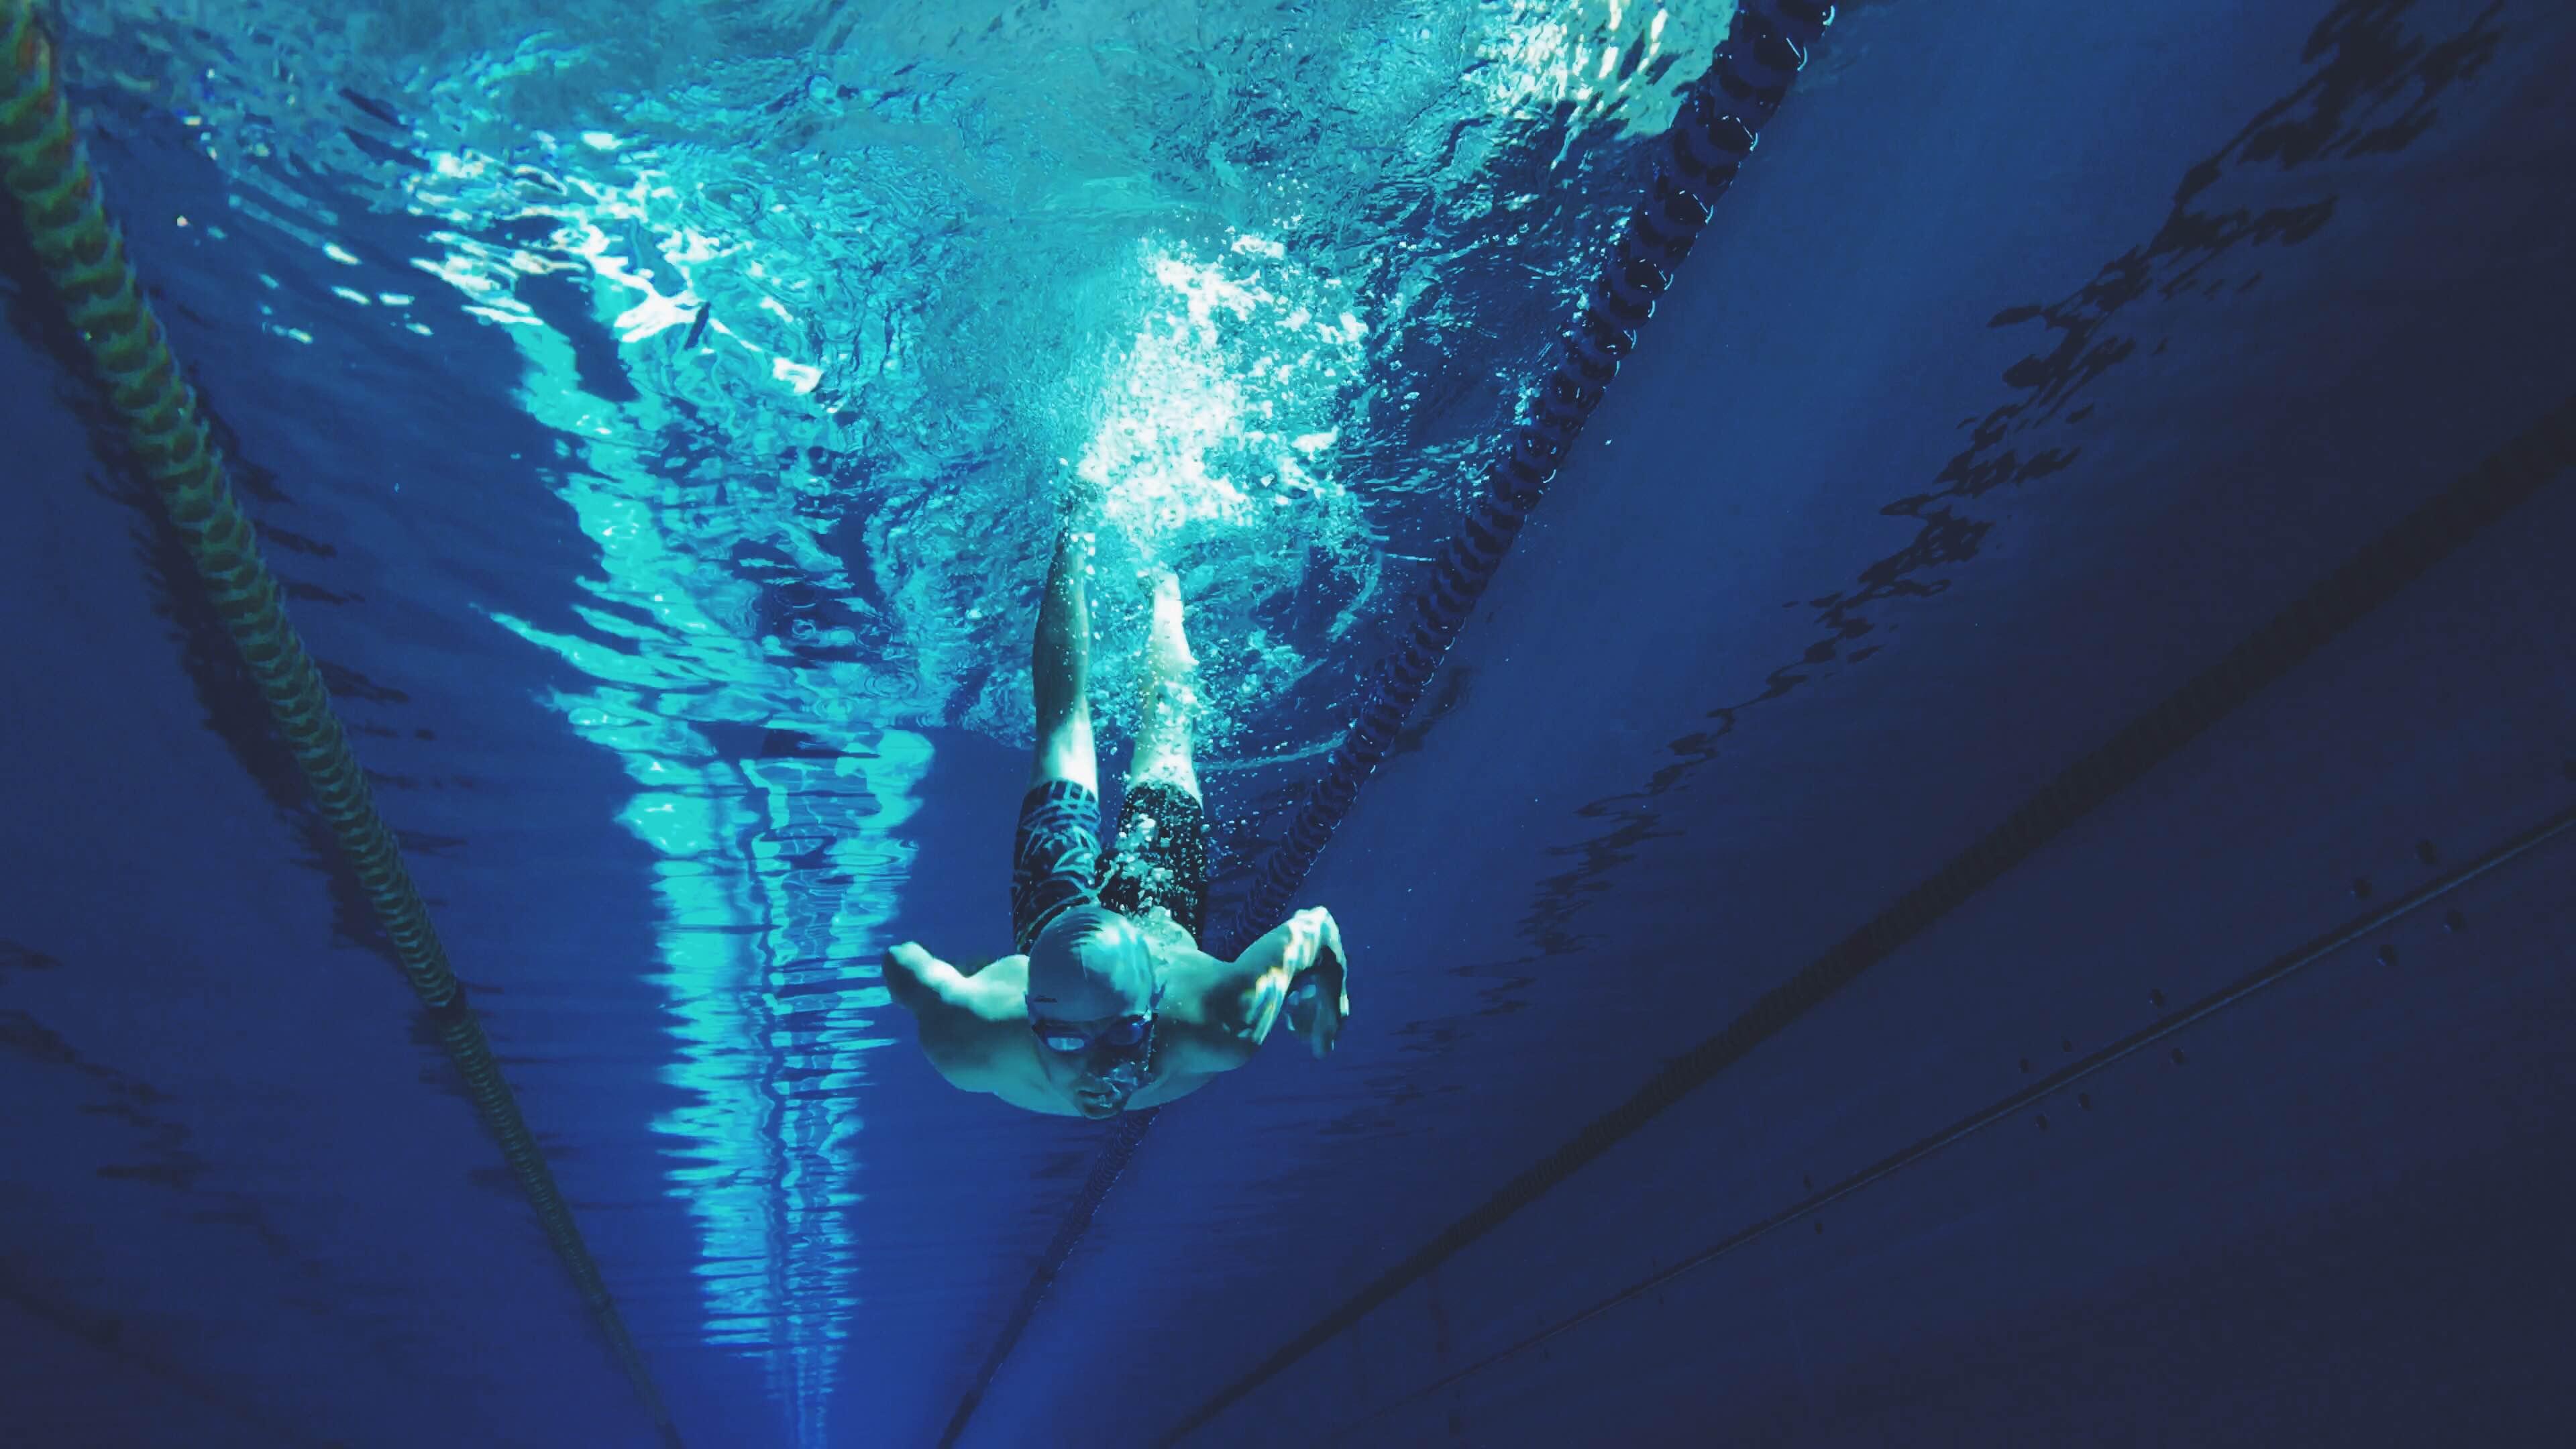 natation alternative running